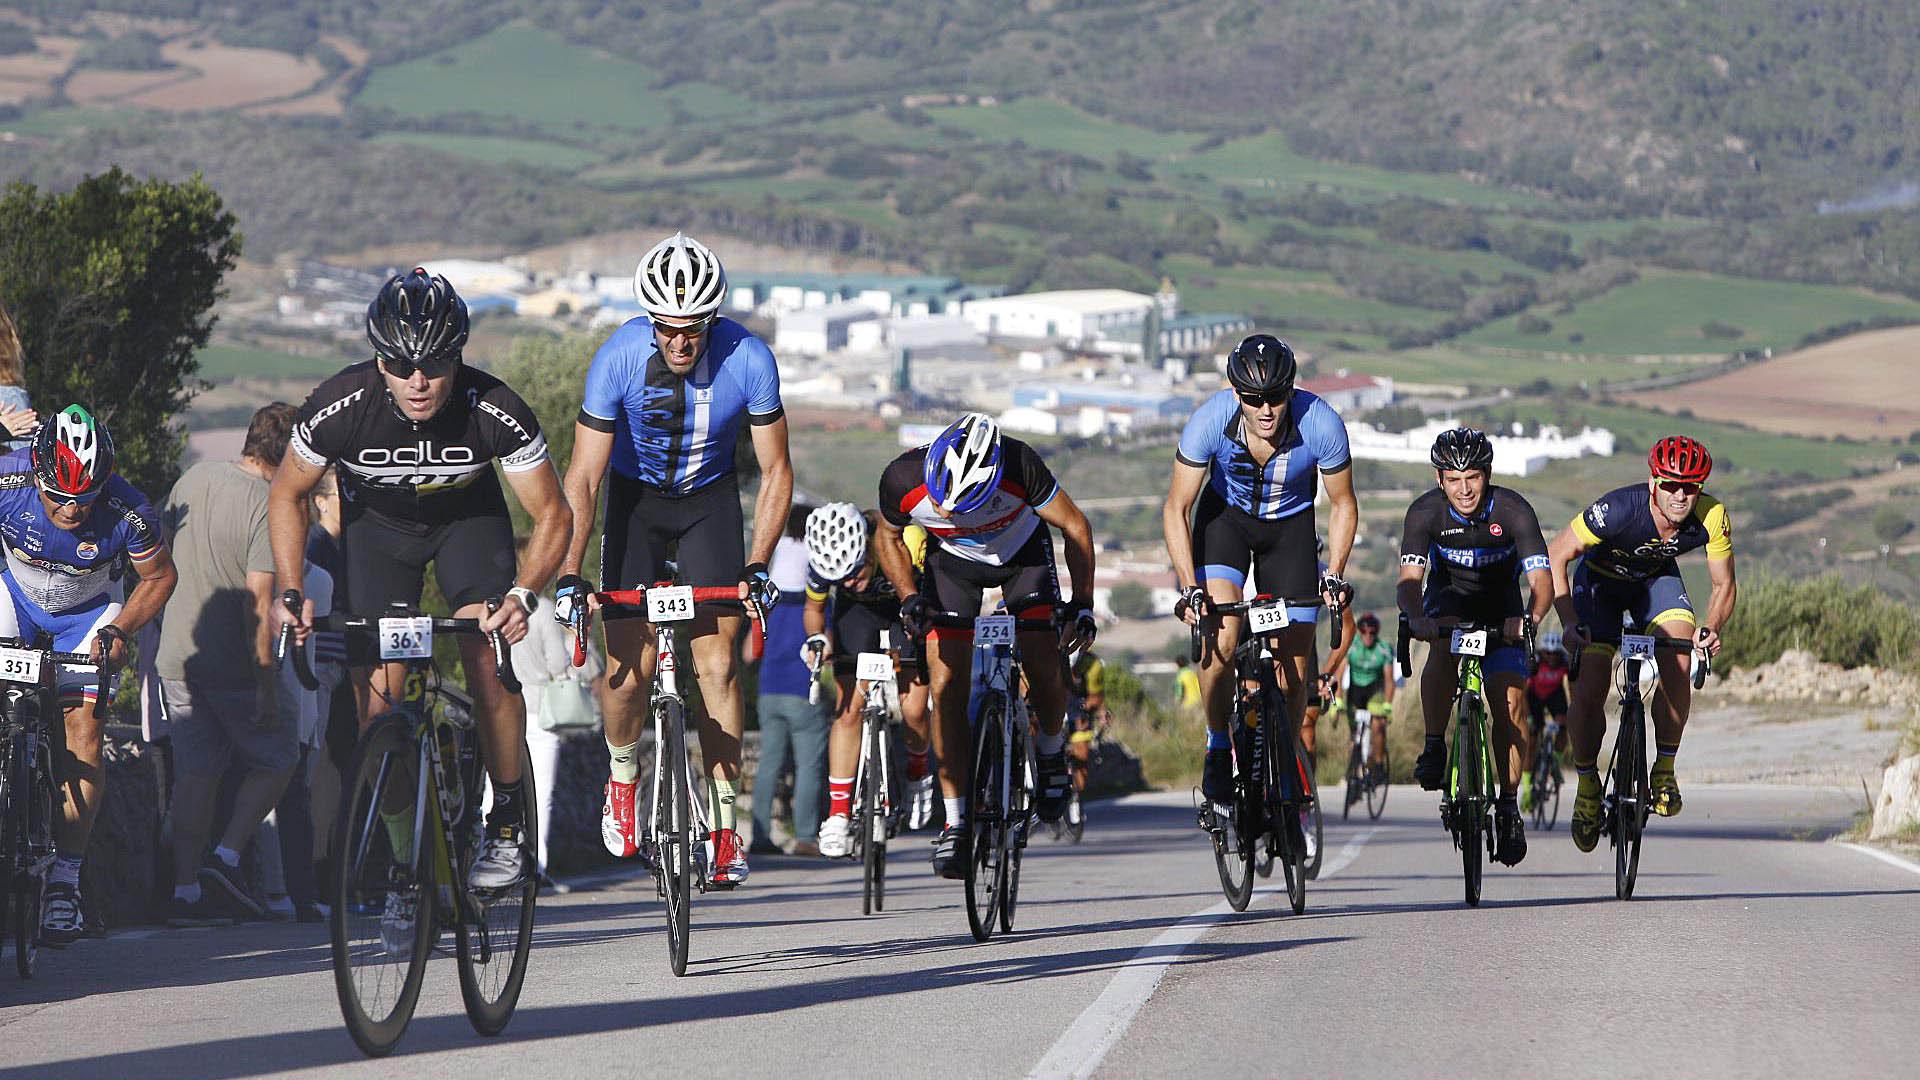 Imagen Evento Vuelta Cicloturista Internacional Menorca